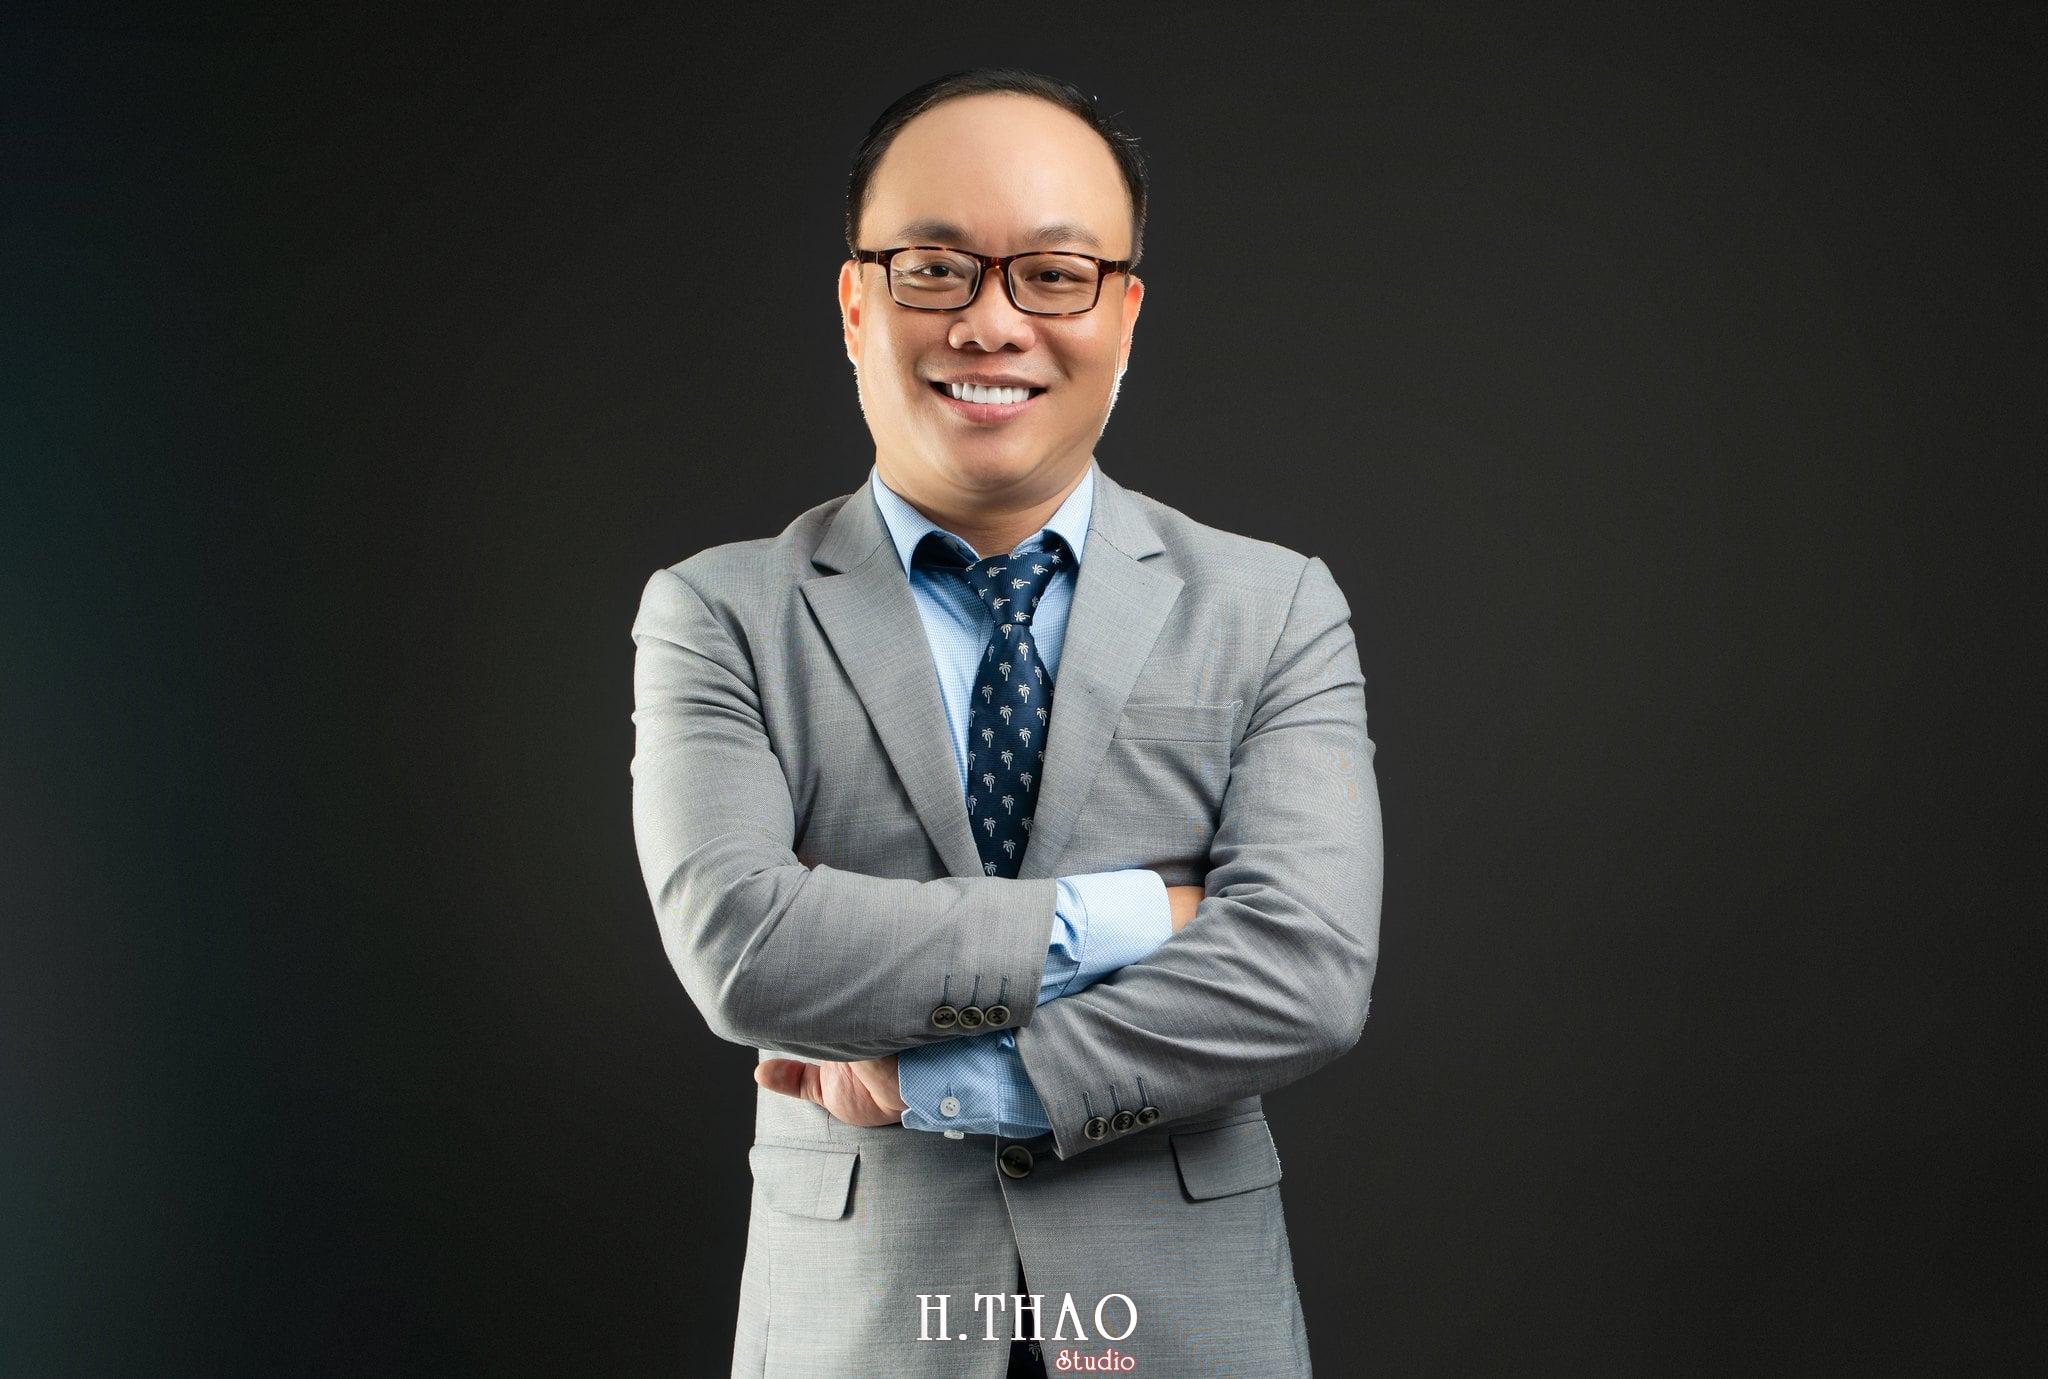 Anh Duy An 10 min - Album ảnh giảng viên, tiến sĩ Duy Ân trẻ tuổi năng động - HThao Studio